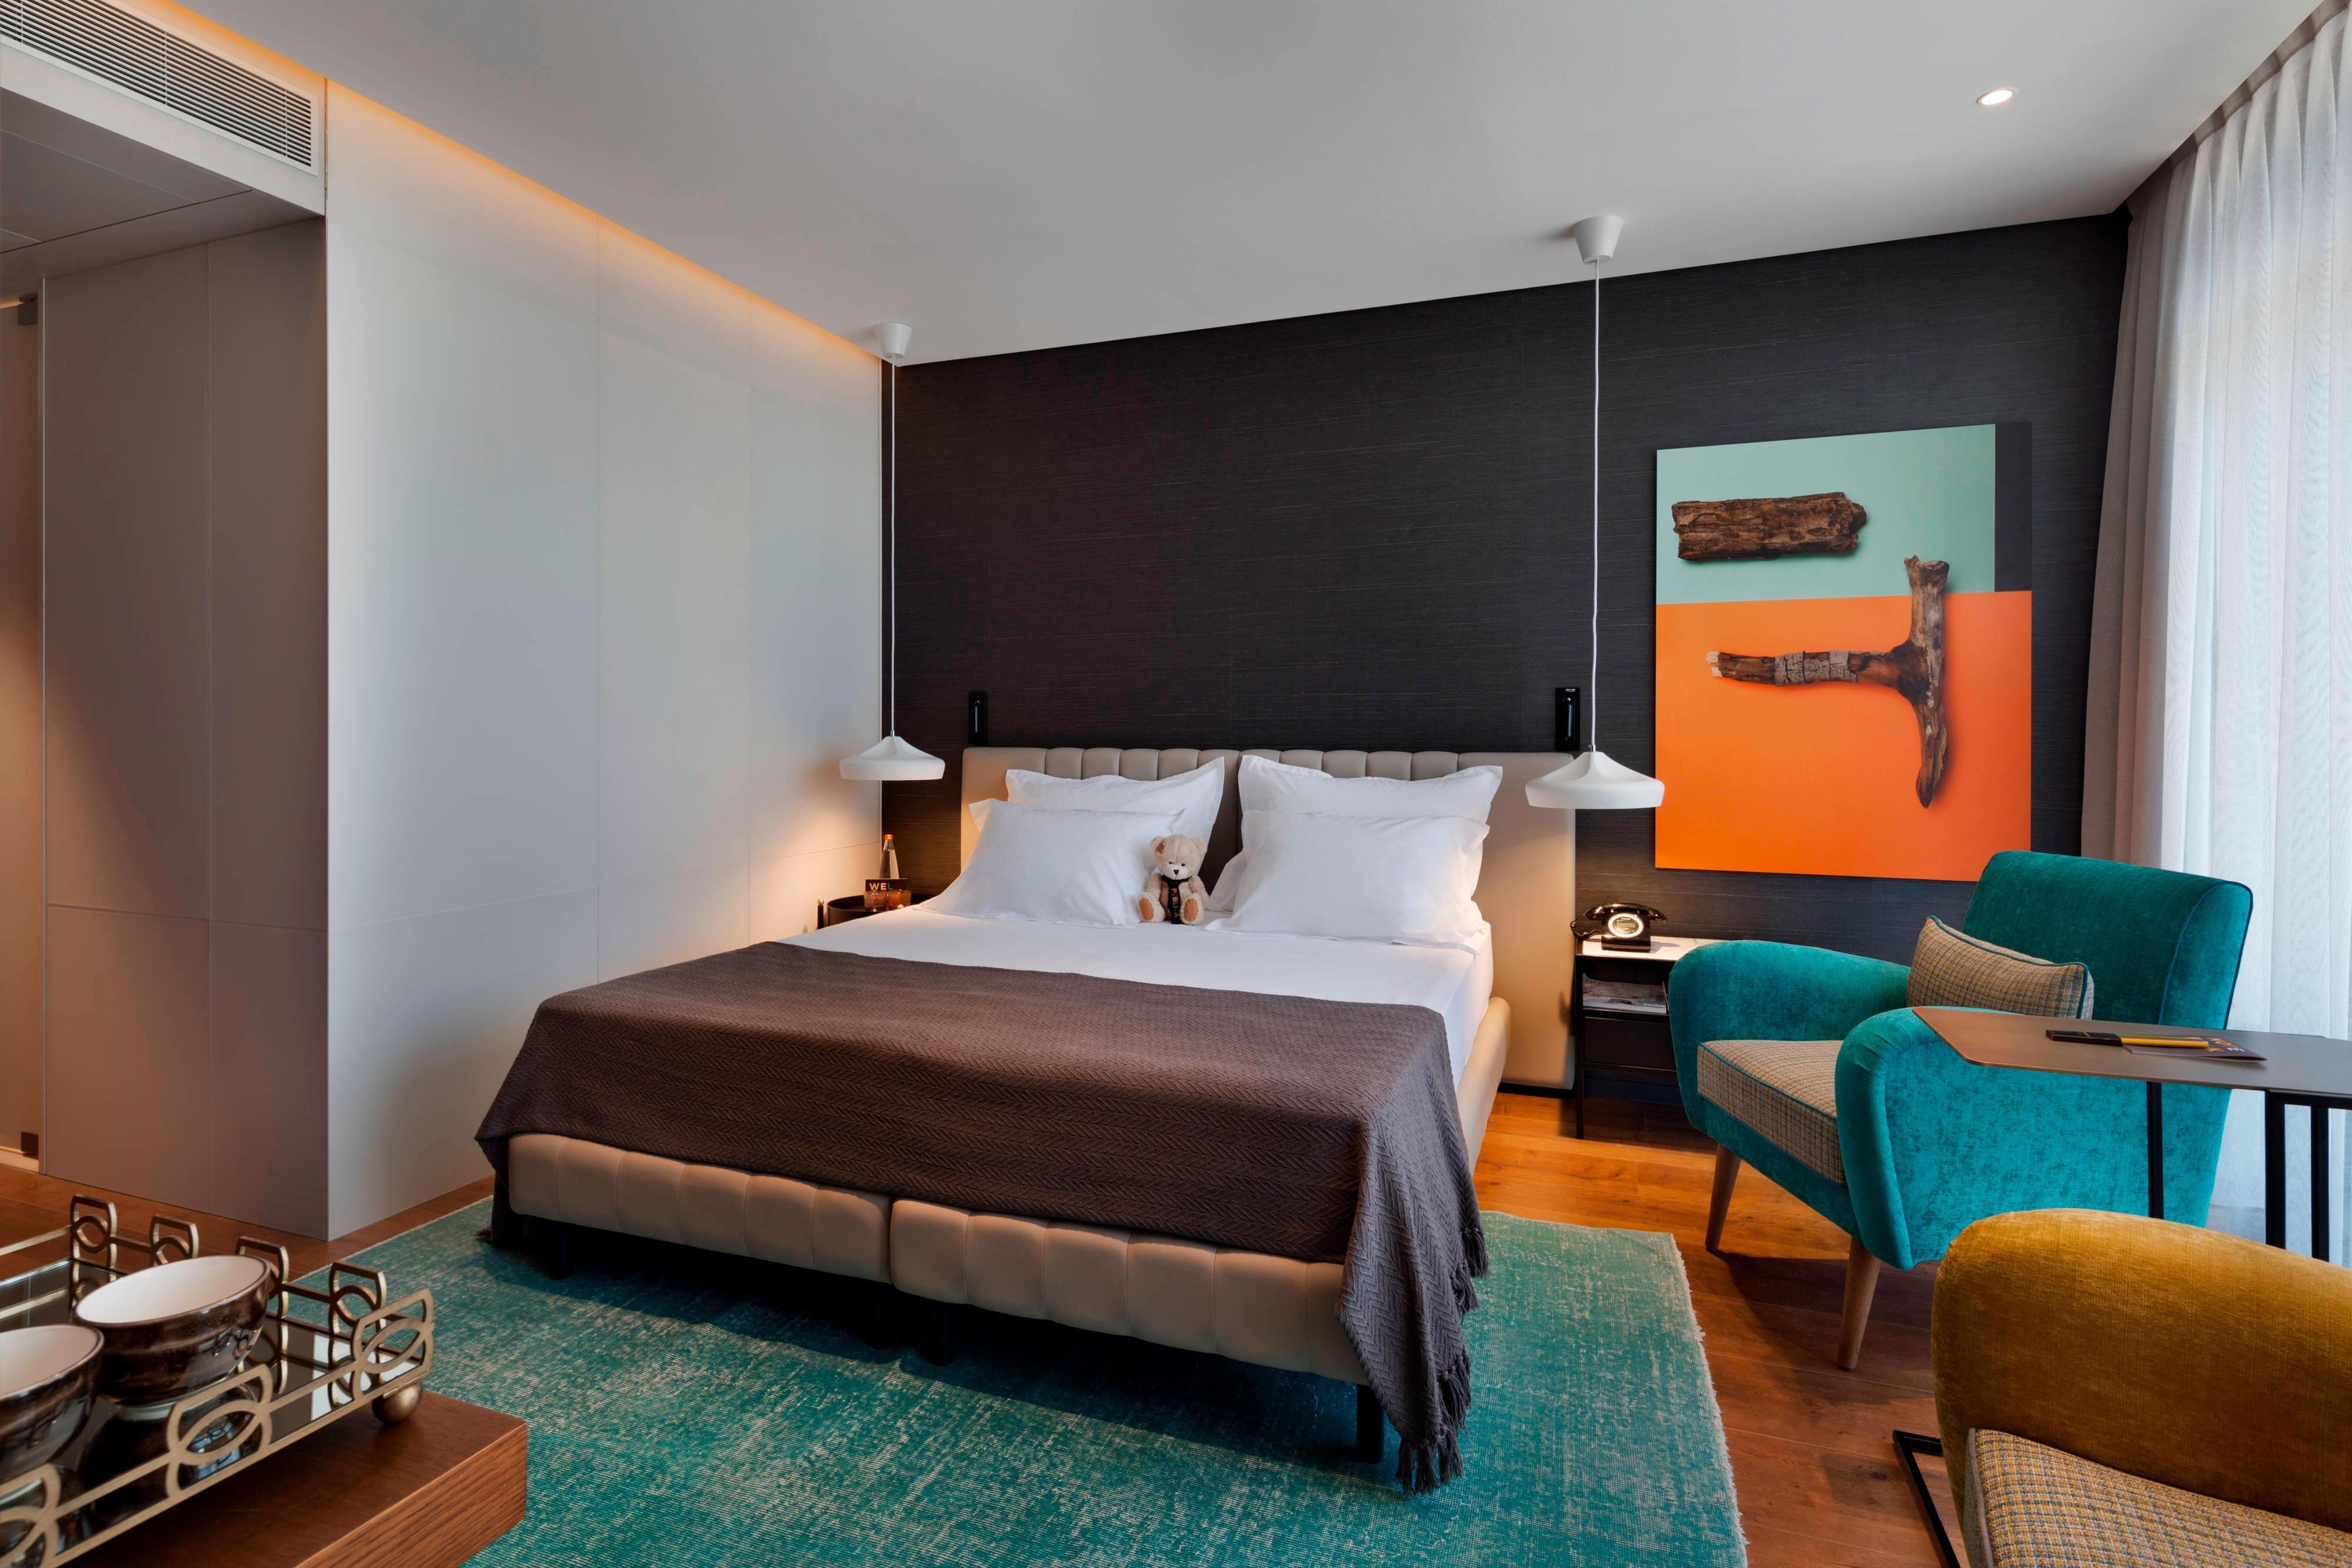 غرفة نزلاء تضم سرير كوين مع إطلالة على المدينة